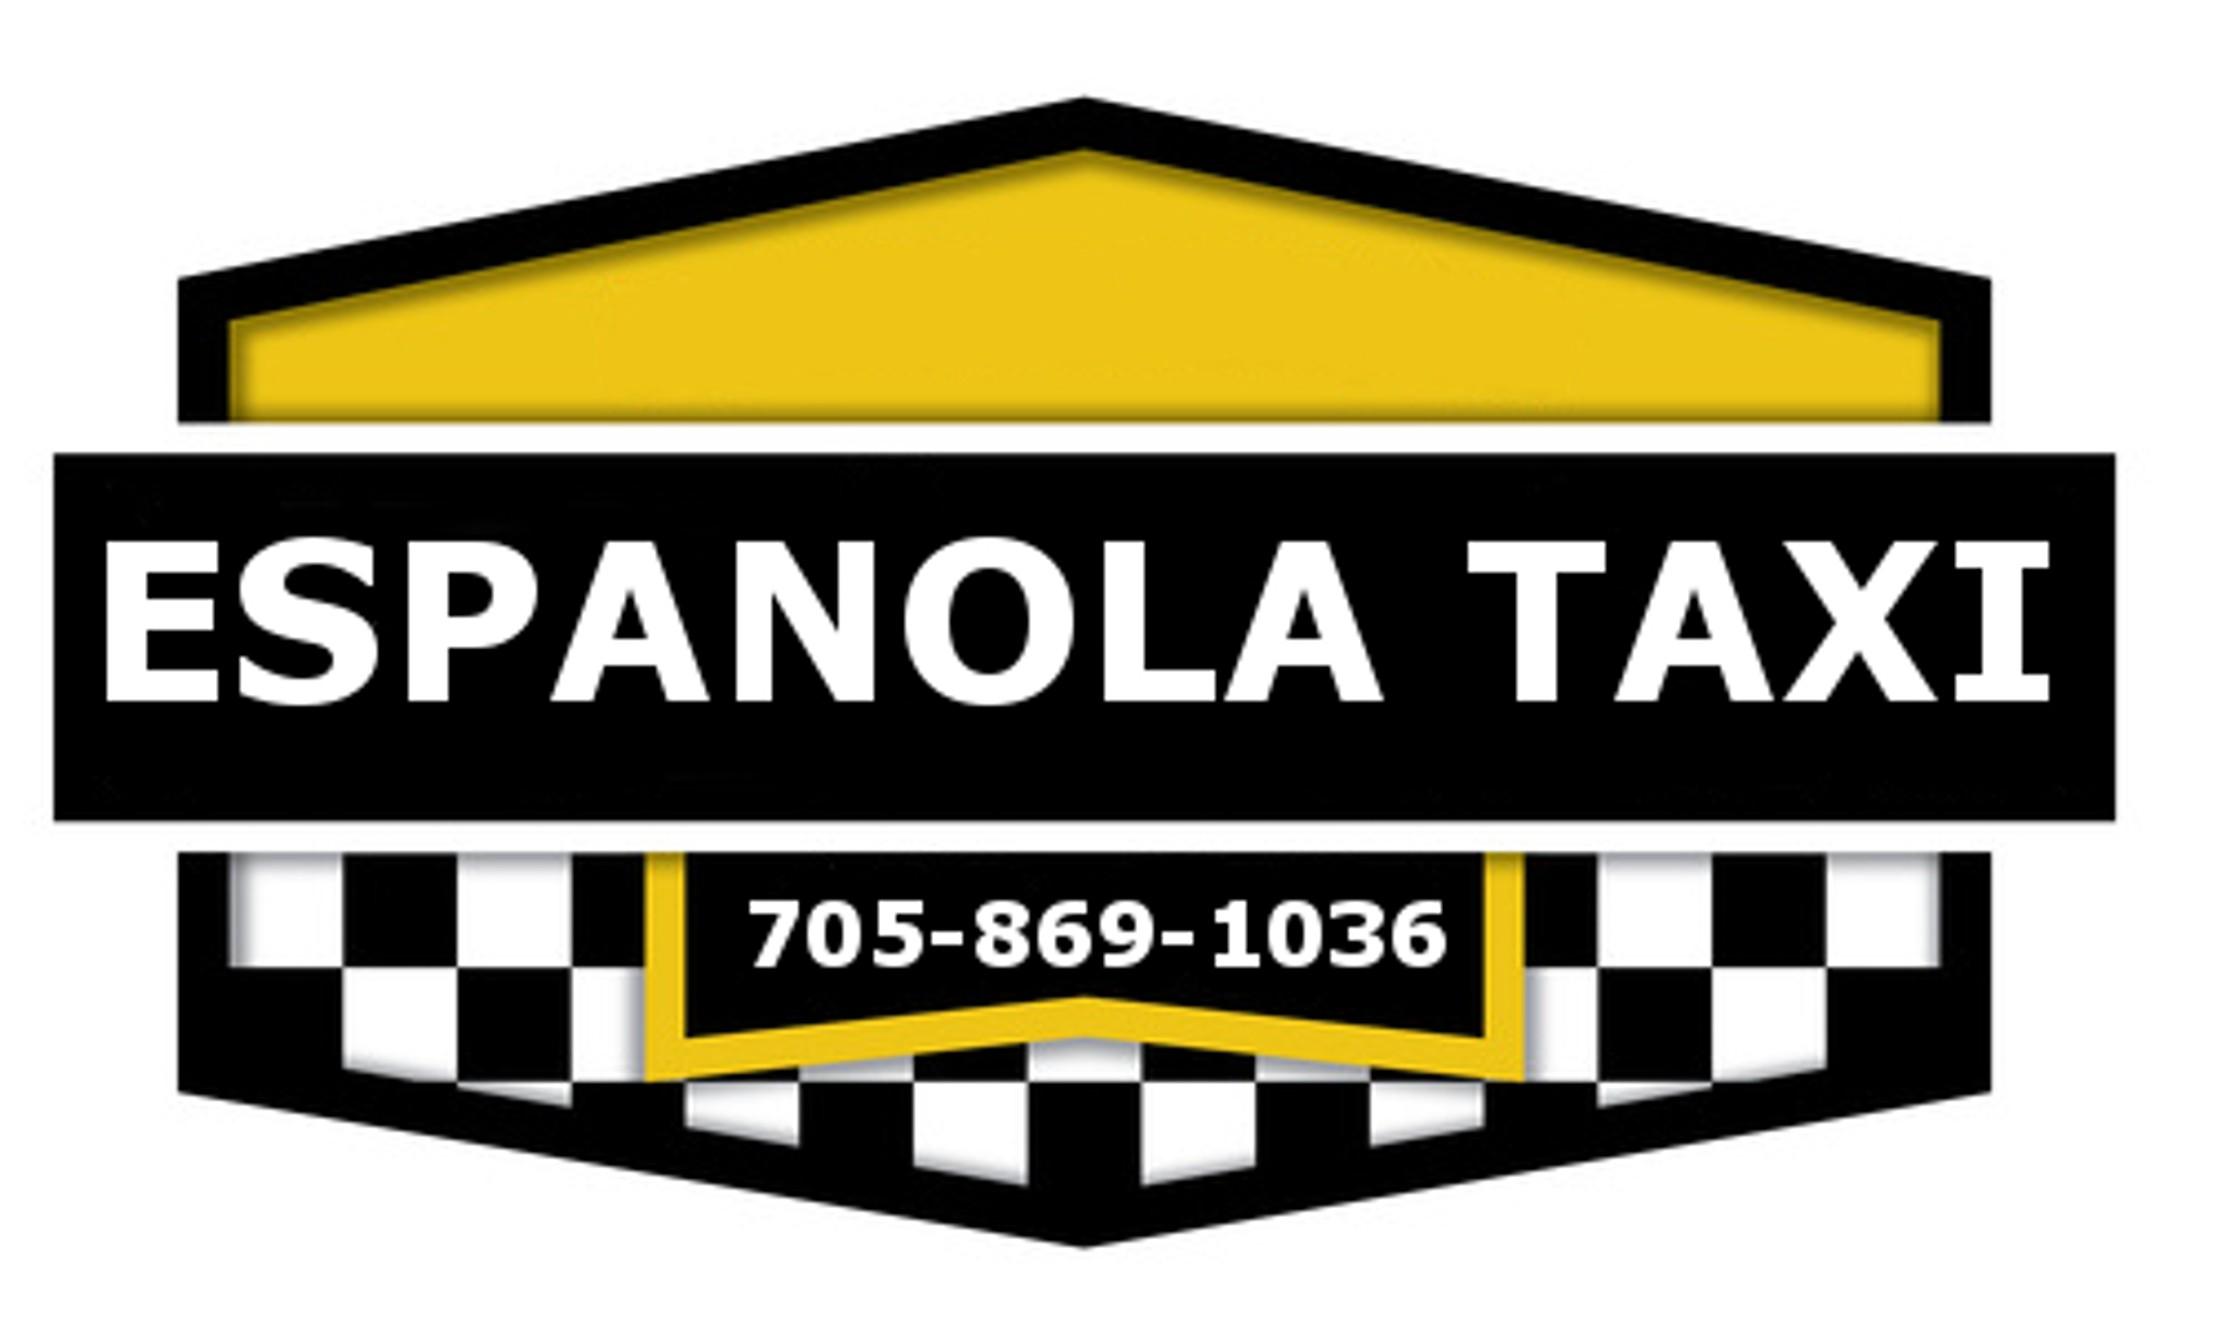 Espanola Taxi logo